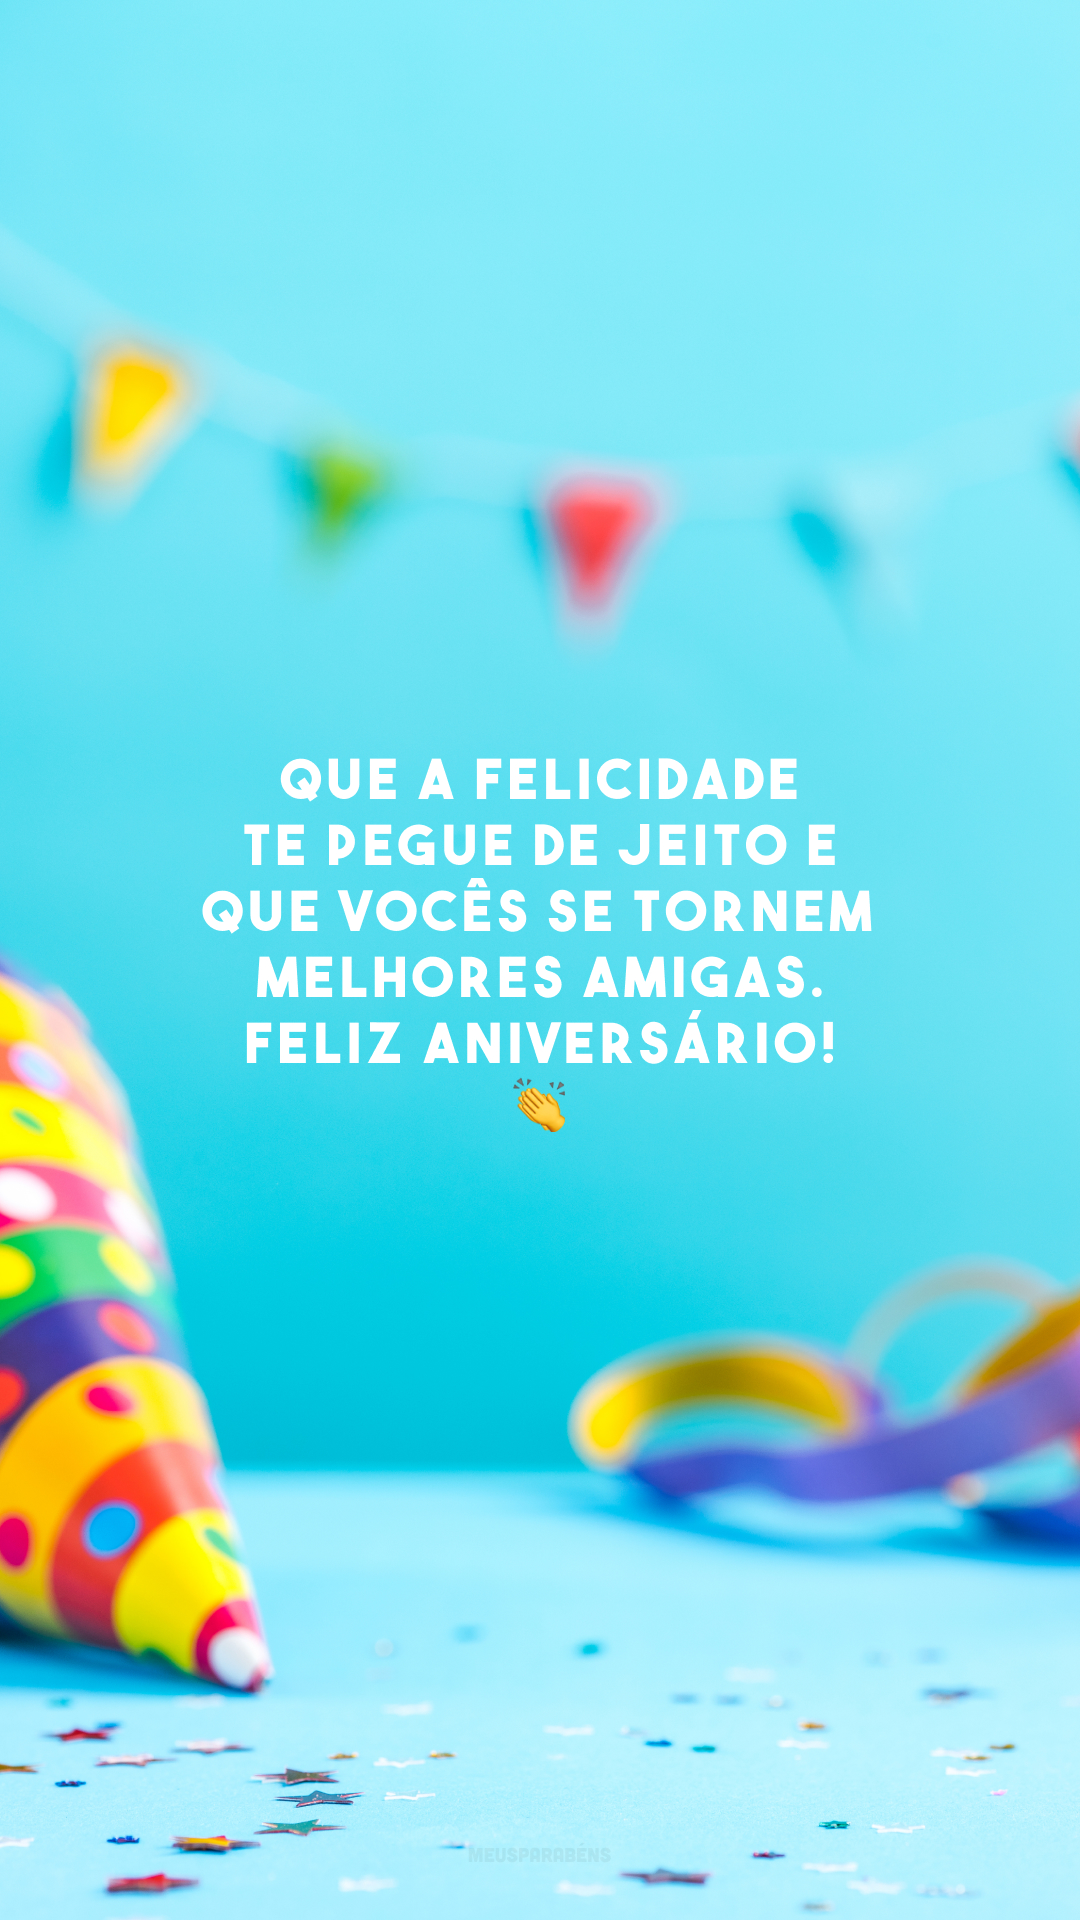 Que a felicidade te pegue de jeito e que vocês se tornem melhores amigas. Feliz aniversário! 👏